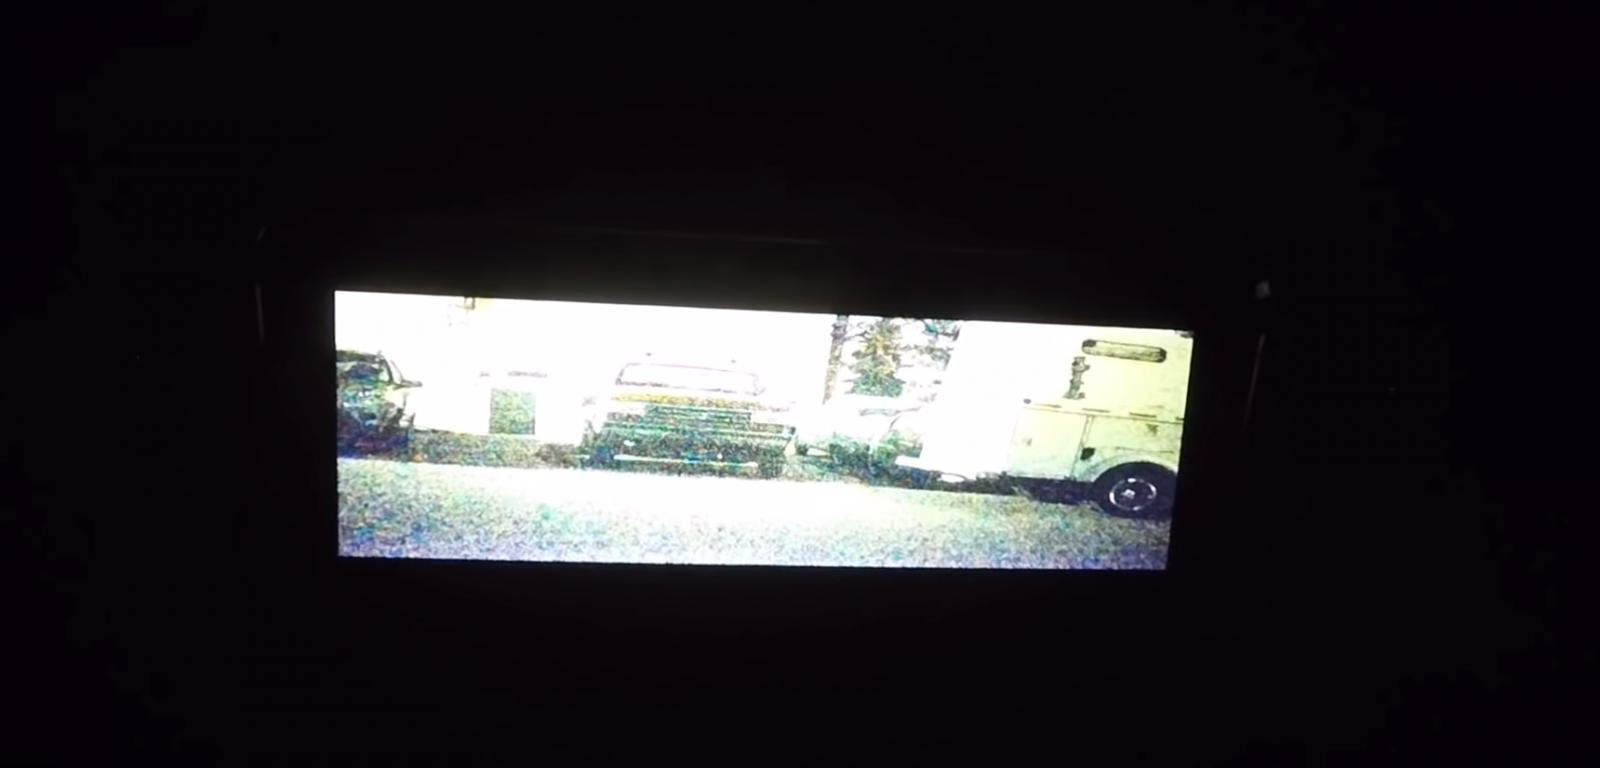 Foto sistema de visión nocturna en acción